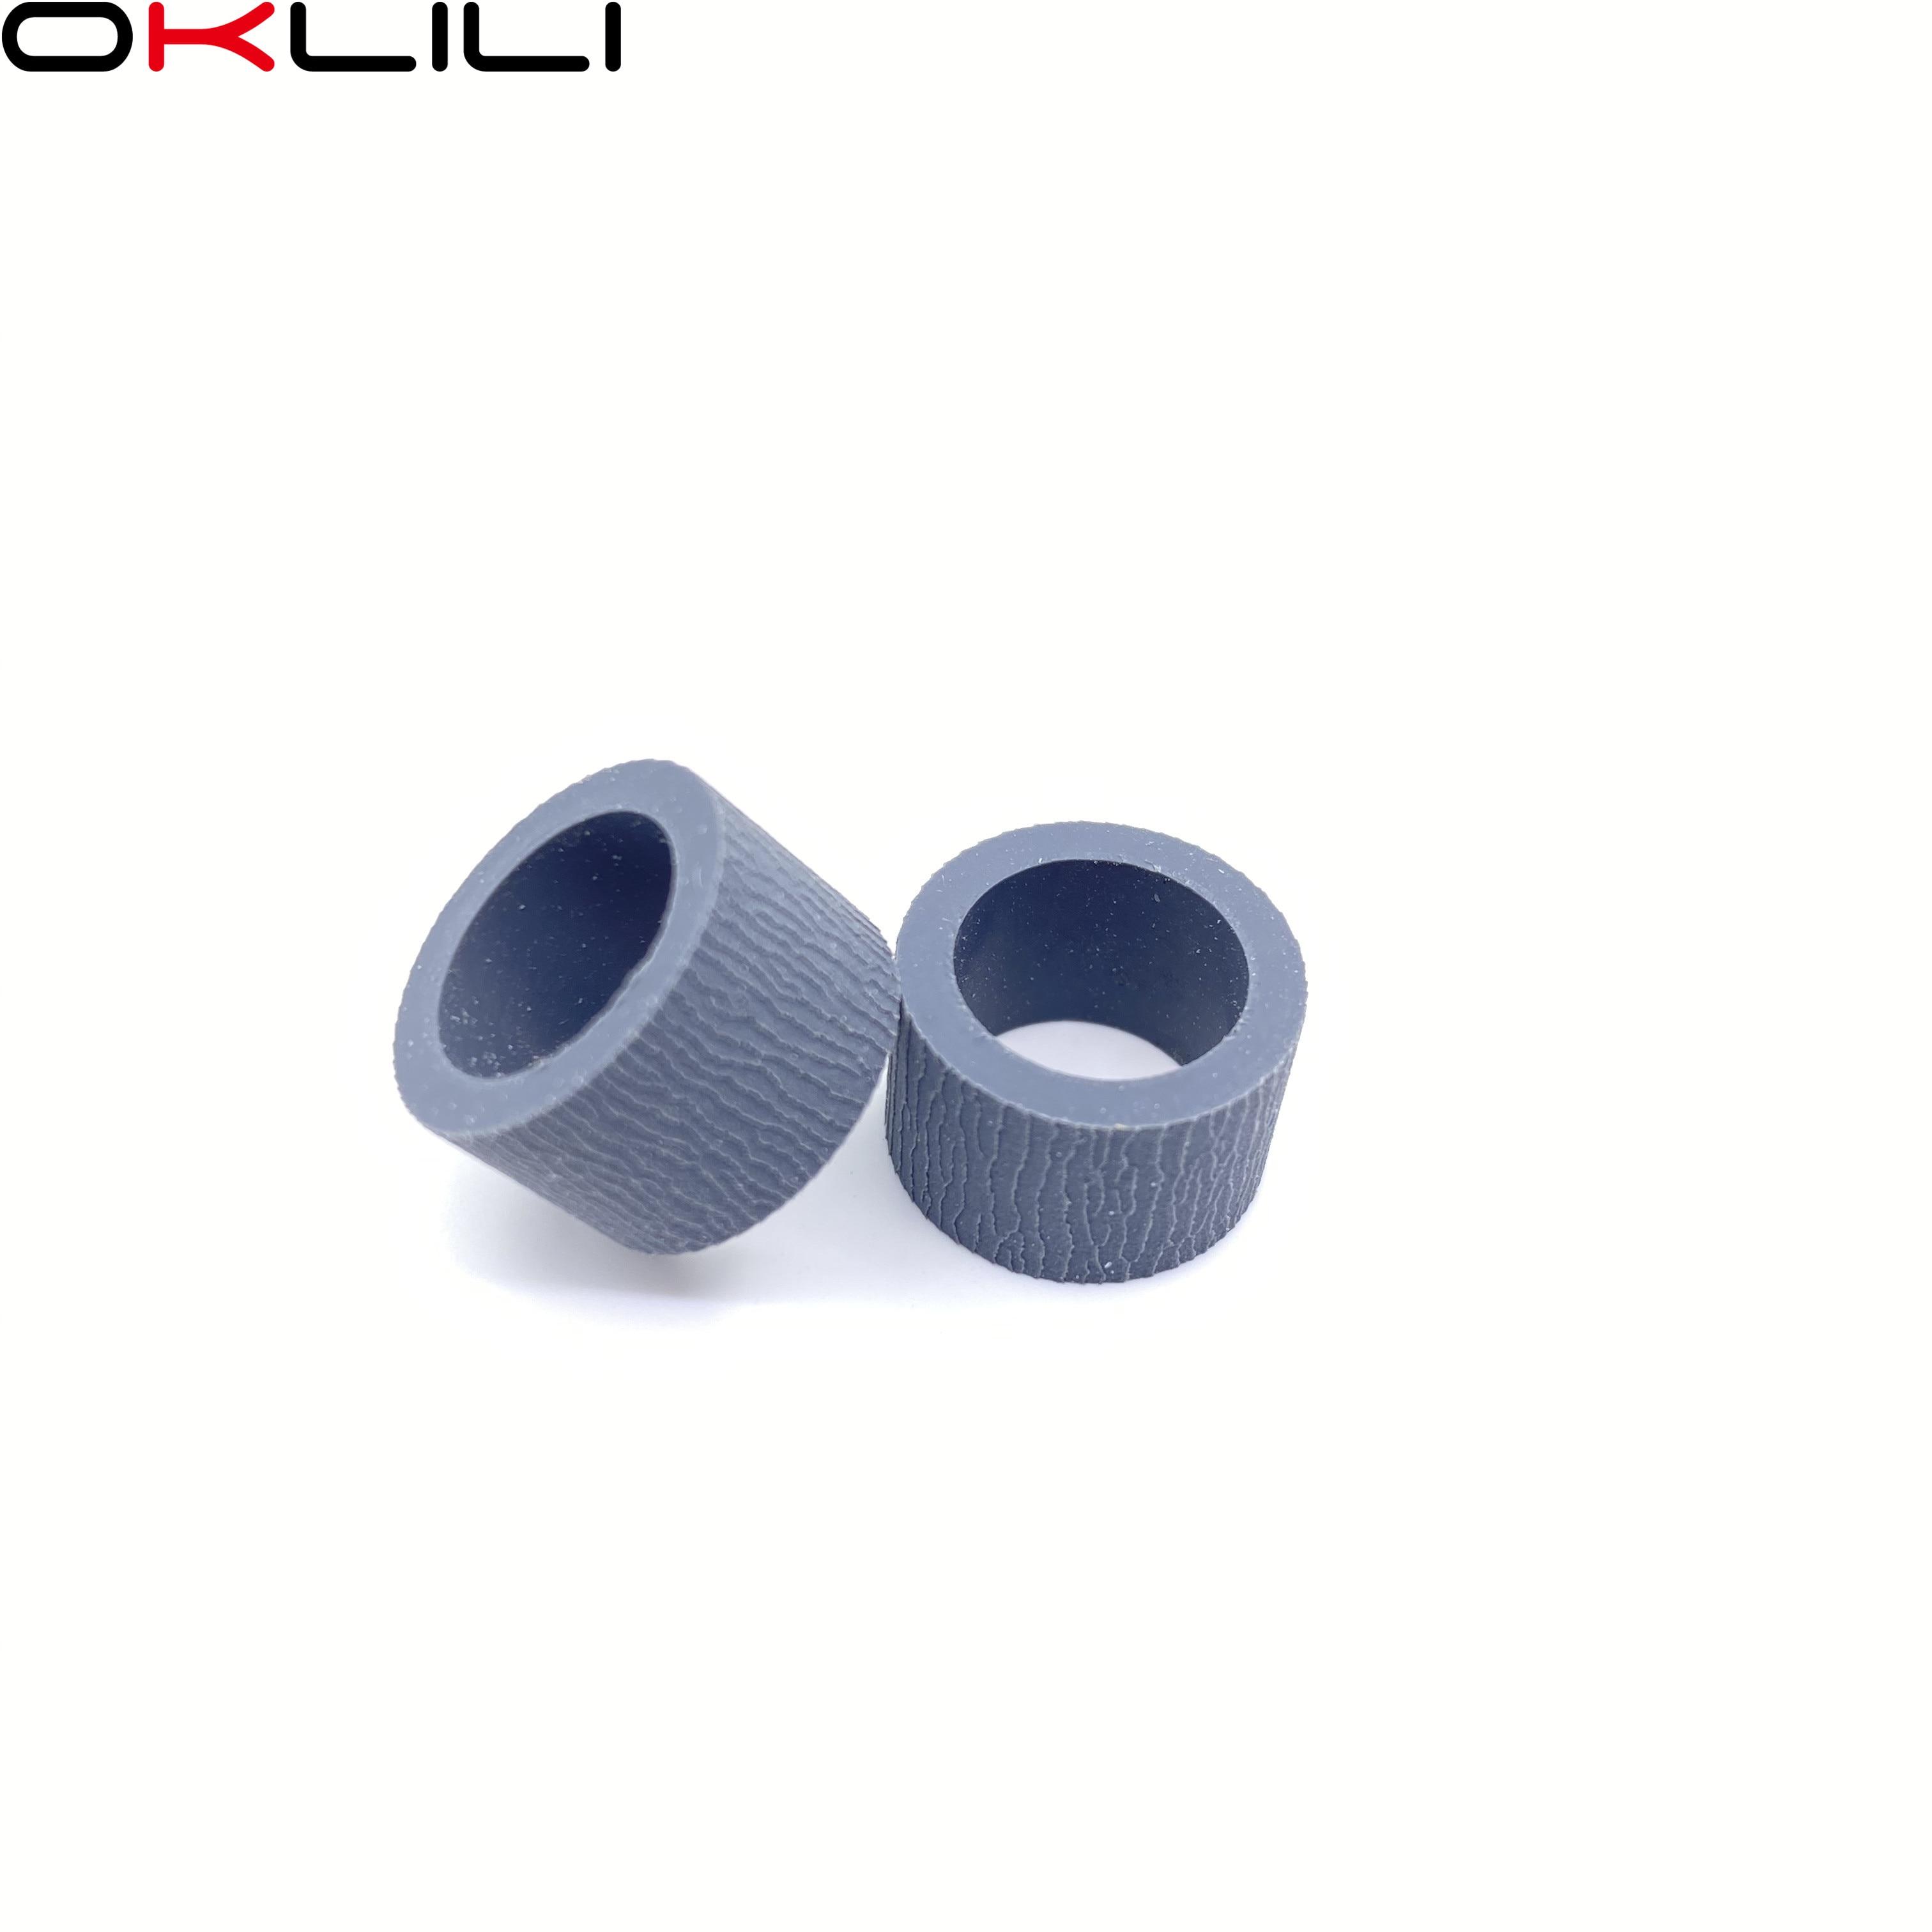 2PC X Feed Pickup Roller For EPSON L600 L605 L606 L650 L655 L656 ET-4550 ET-3600 WF-2650 WF-2651 WF-2660 WF-2661 WF-2750 WF-2751